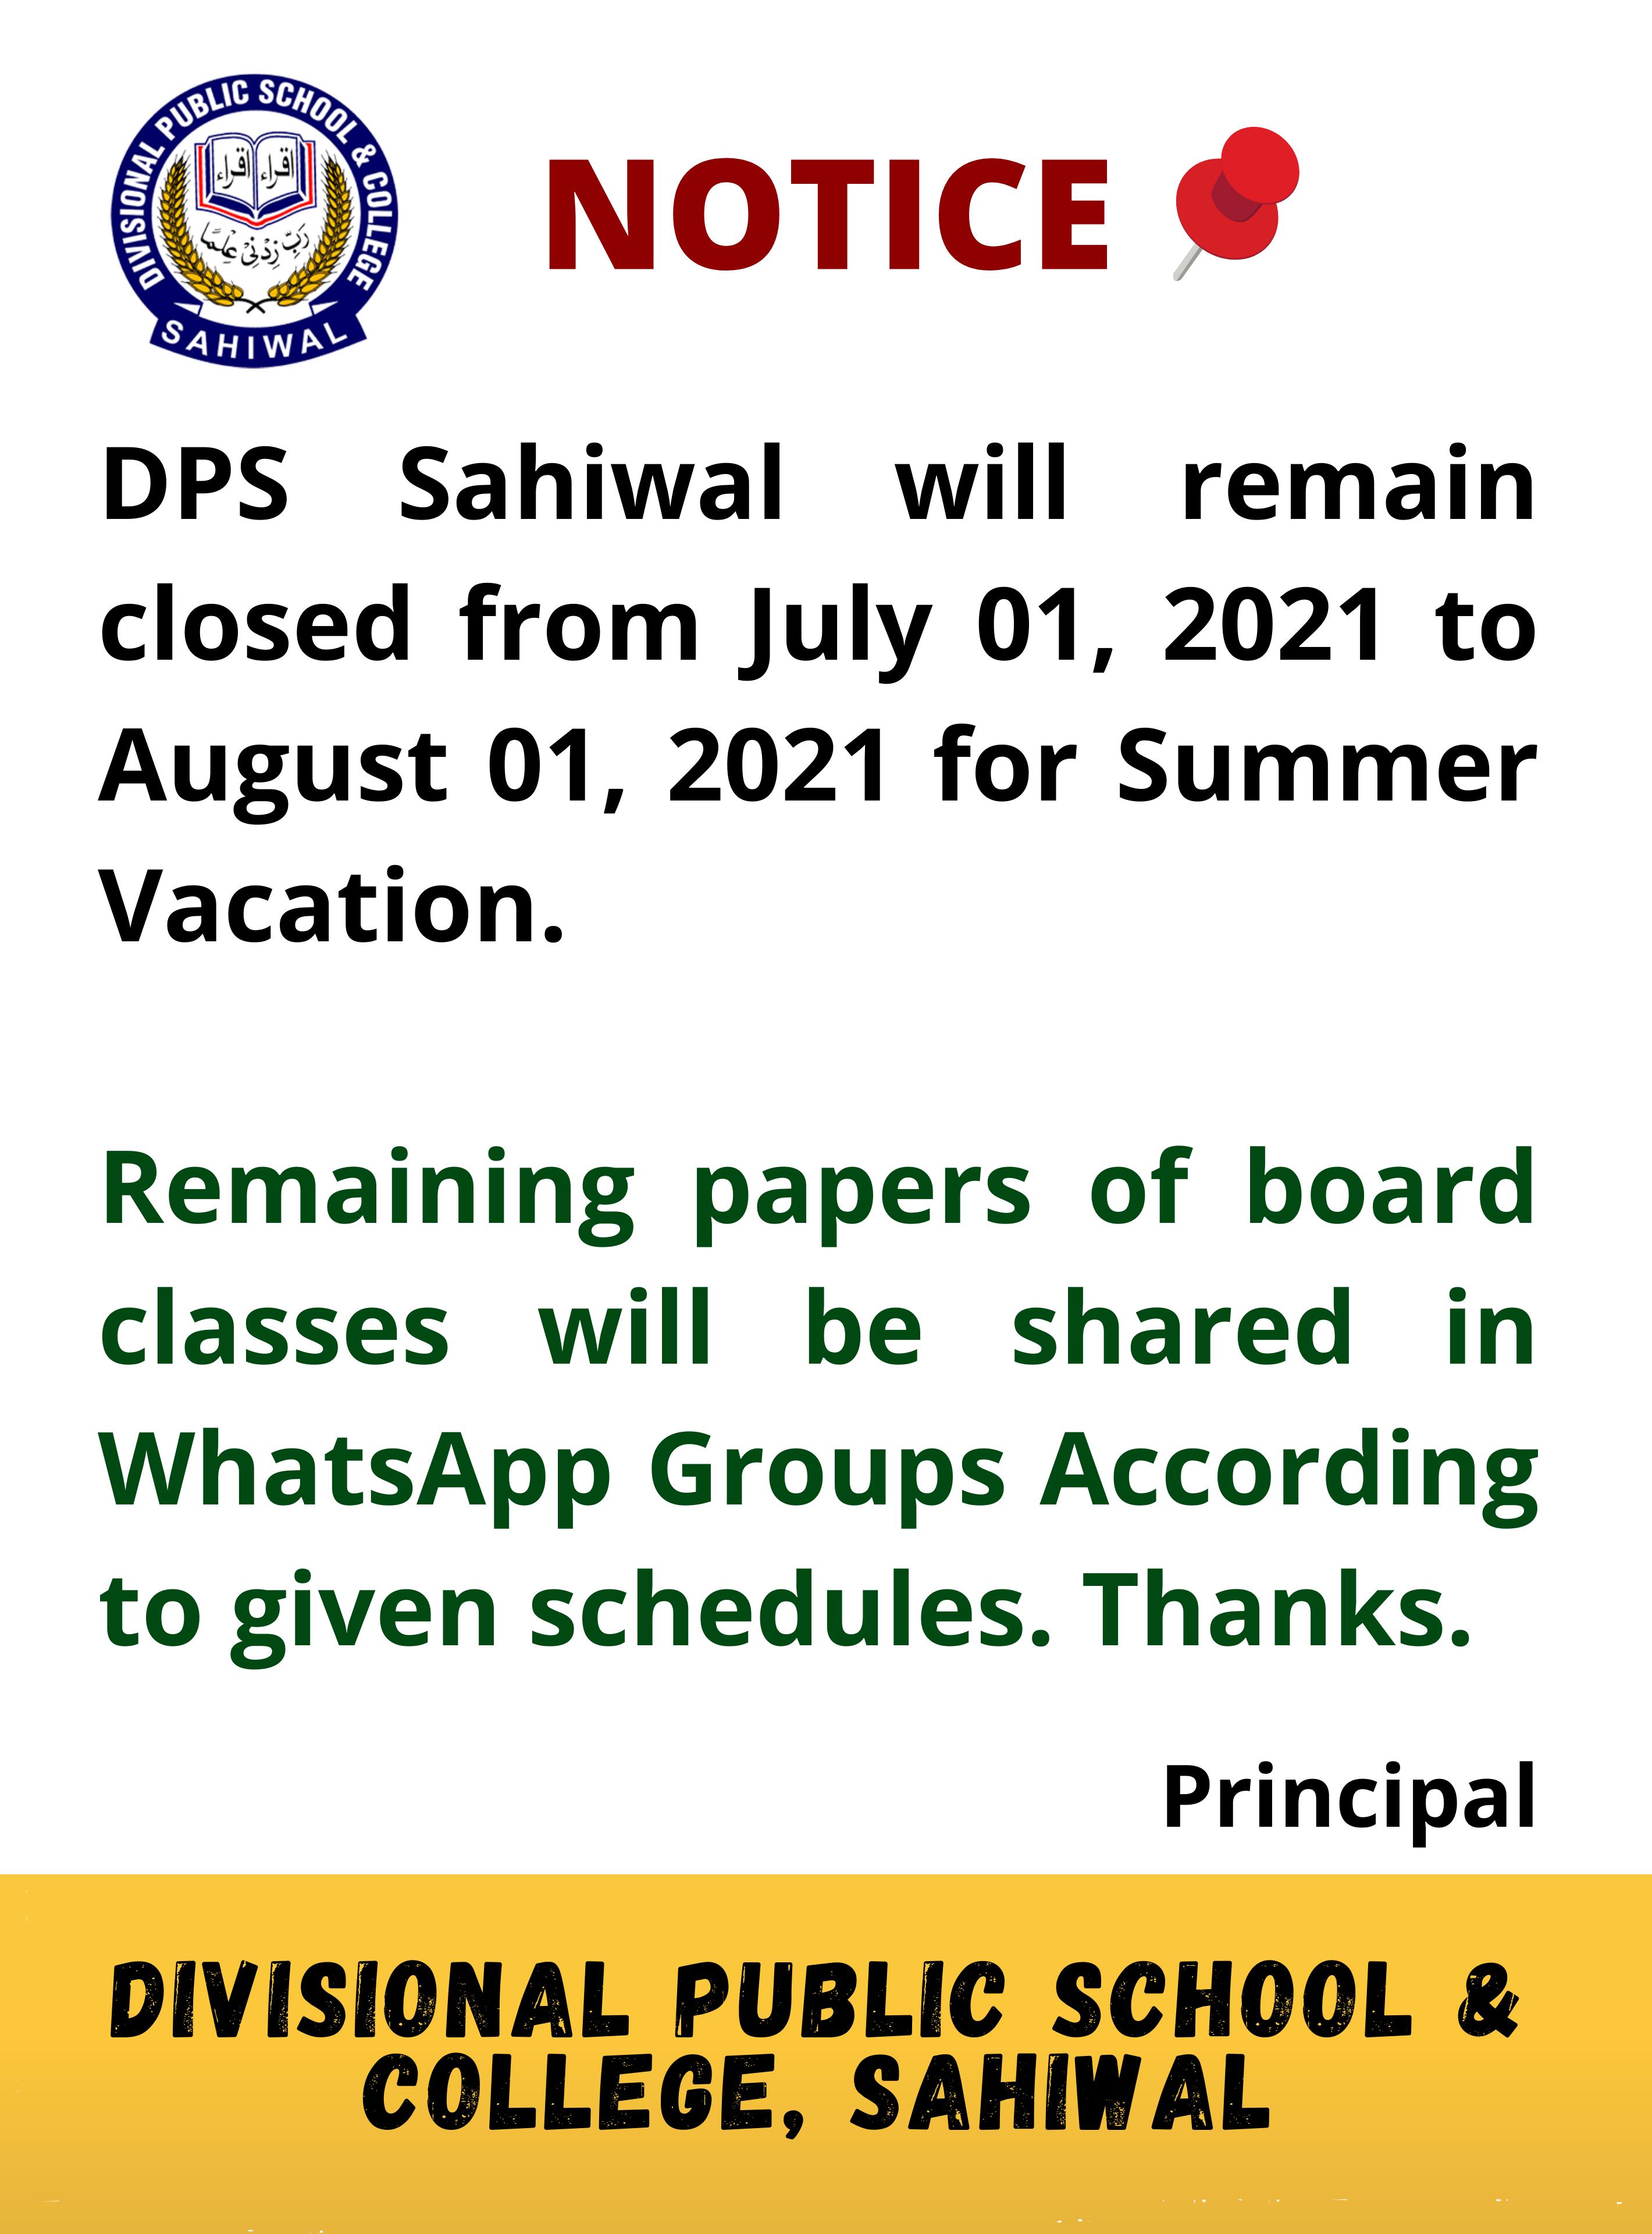 Summer Vacation DPS Sahiwal